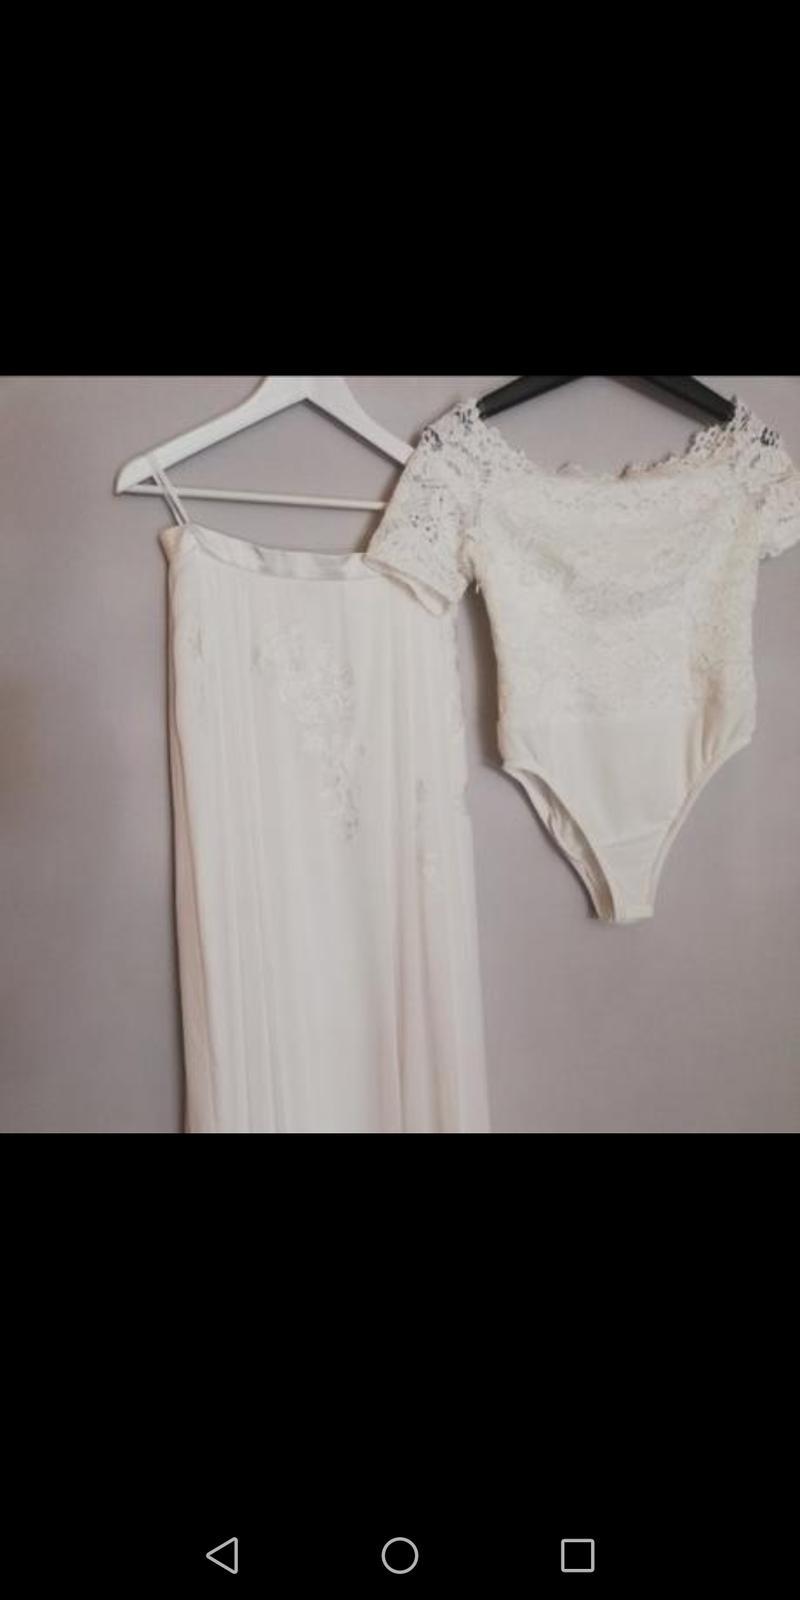 svadobná sukňa a body, veľkosť 40 - Obrázok č. 4